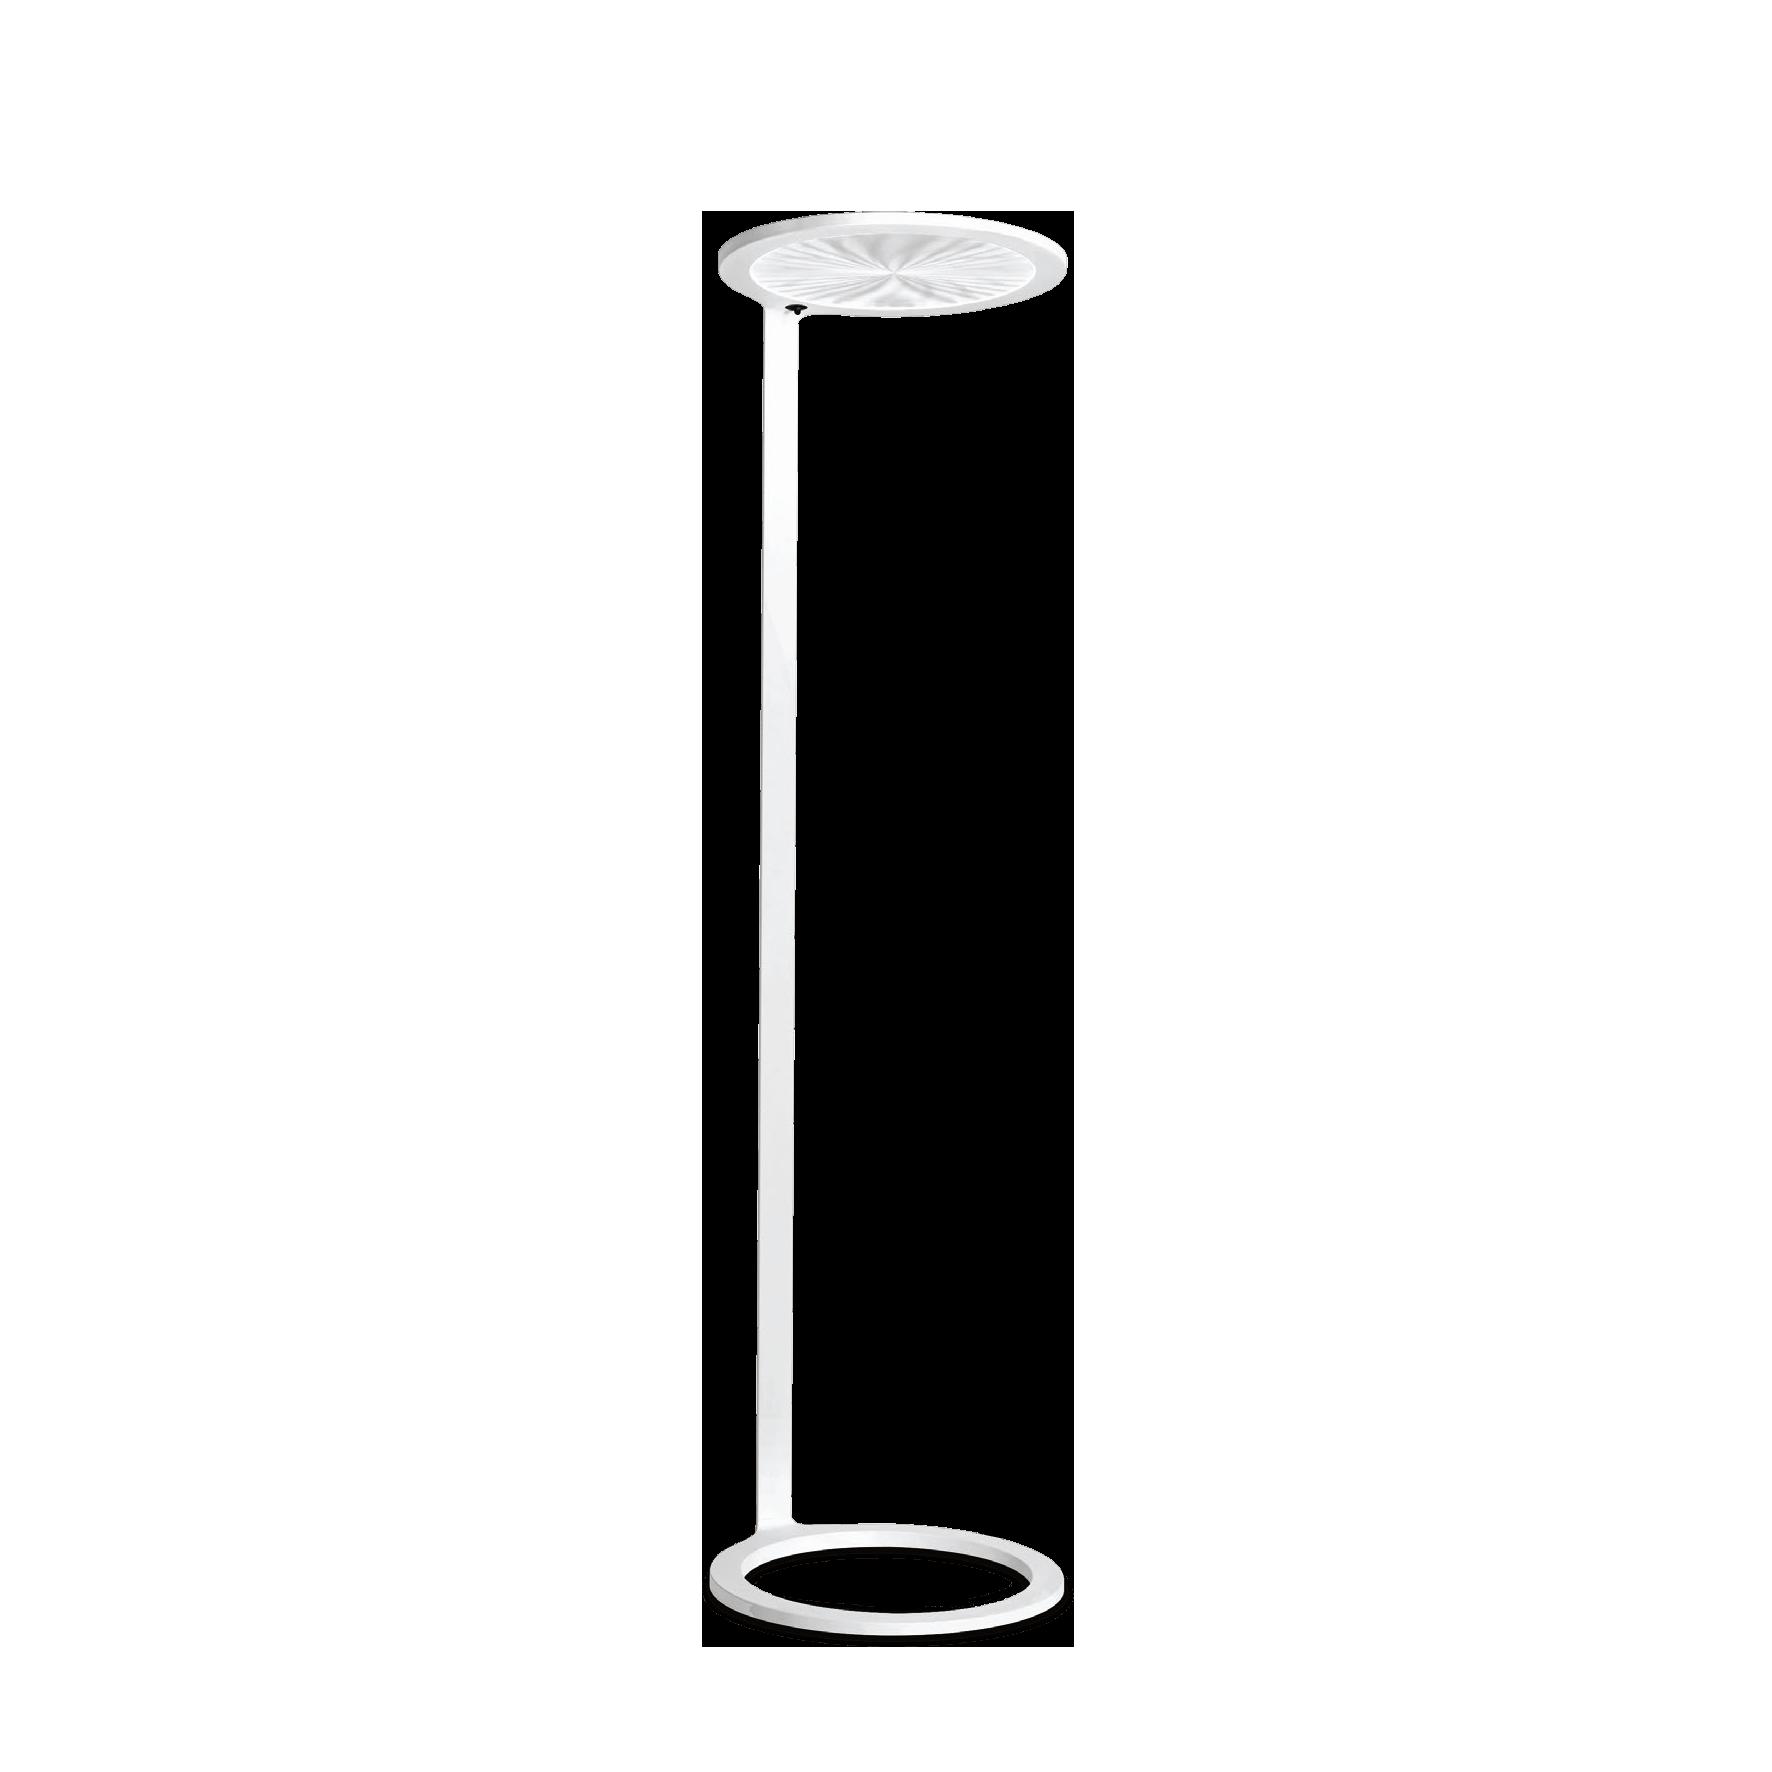 Angebote wema raumkonzepte helios stehleuchte free standing parisarafo Choice Image